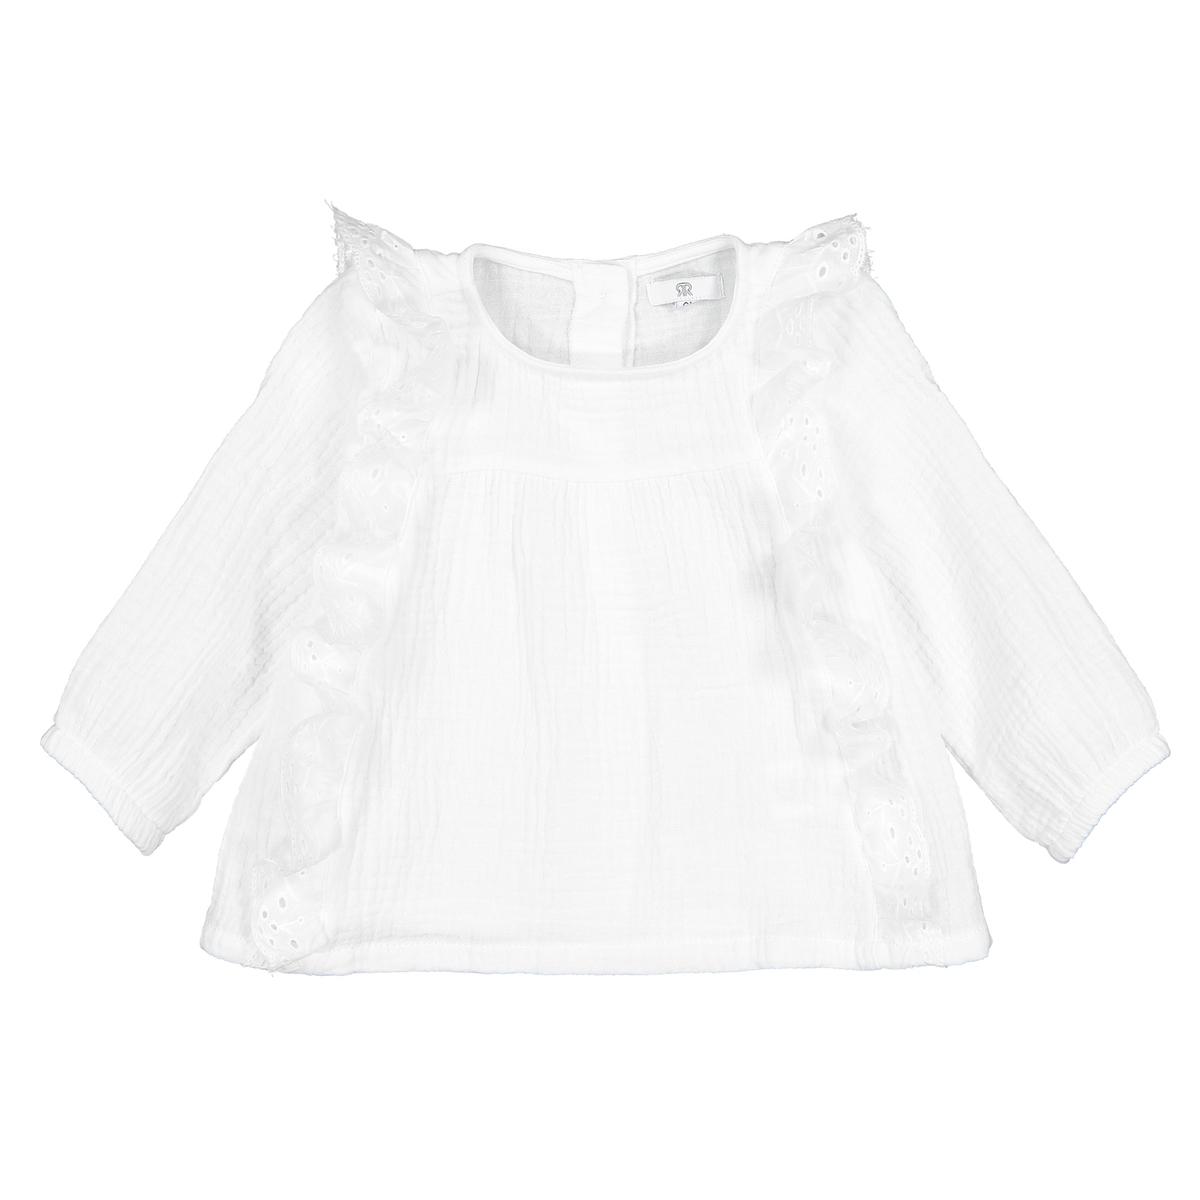 Блузка La Redoute С воланами из хлопчатобумажной газовой ткани мес 1 год - 74 см бежевый хлопок эпохи purcotton детей клип хлопчатобумажной ткани является хорошим другом 120x150cm мешок